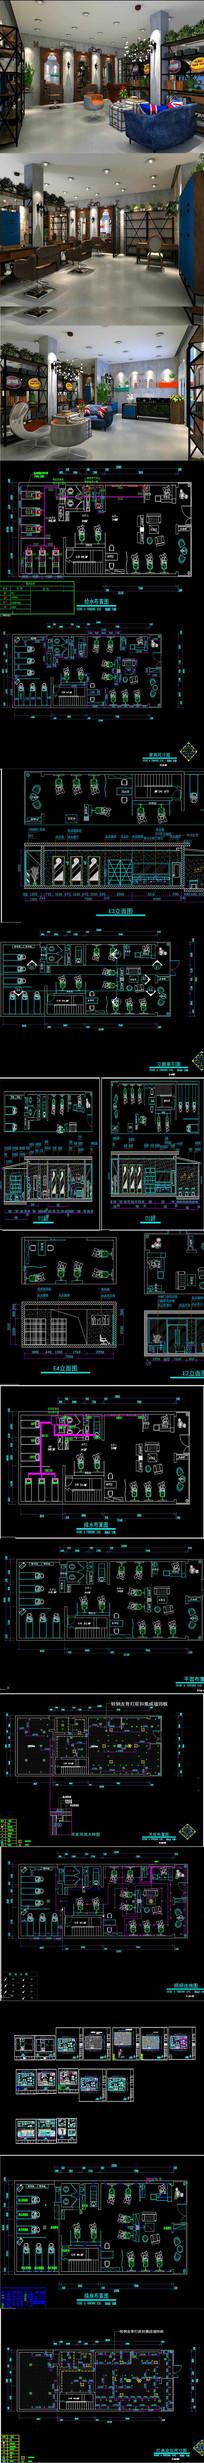 工业风格理发店CAD施工图 效果图